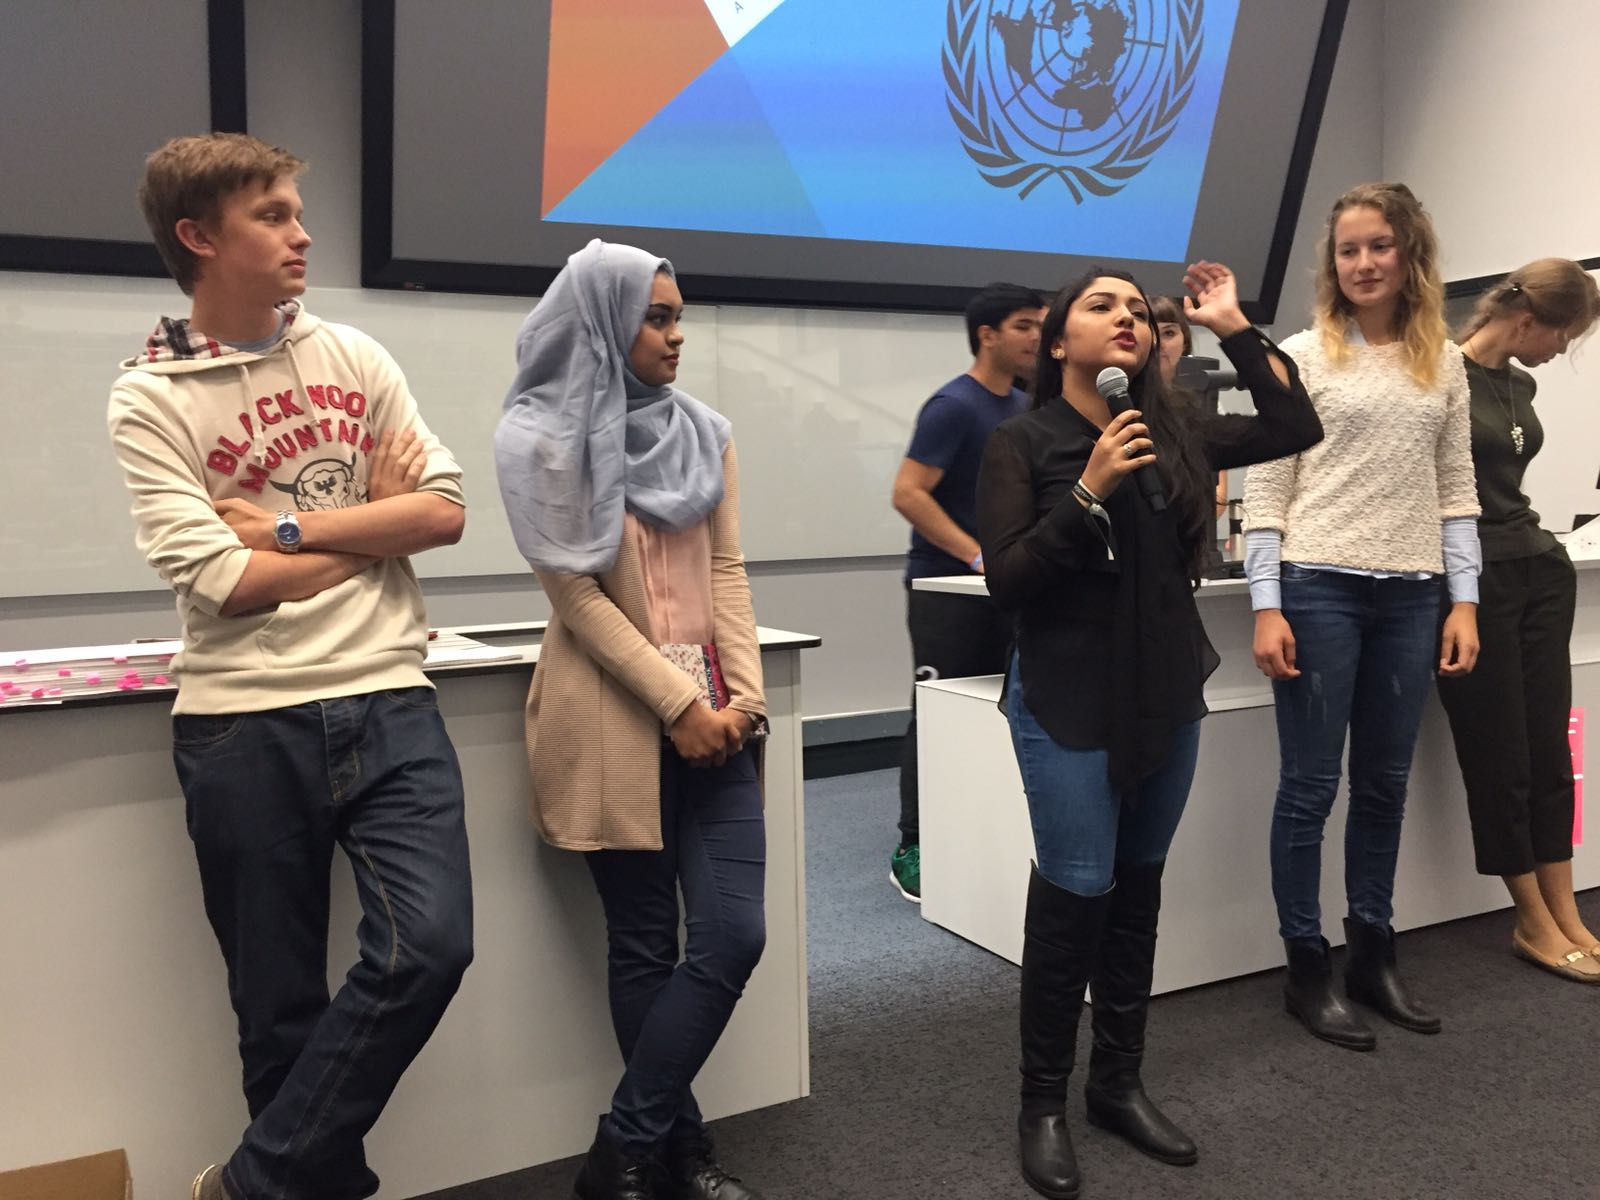 Public speaking exercise